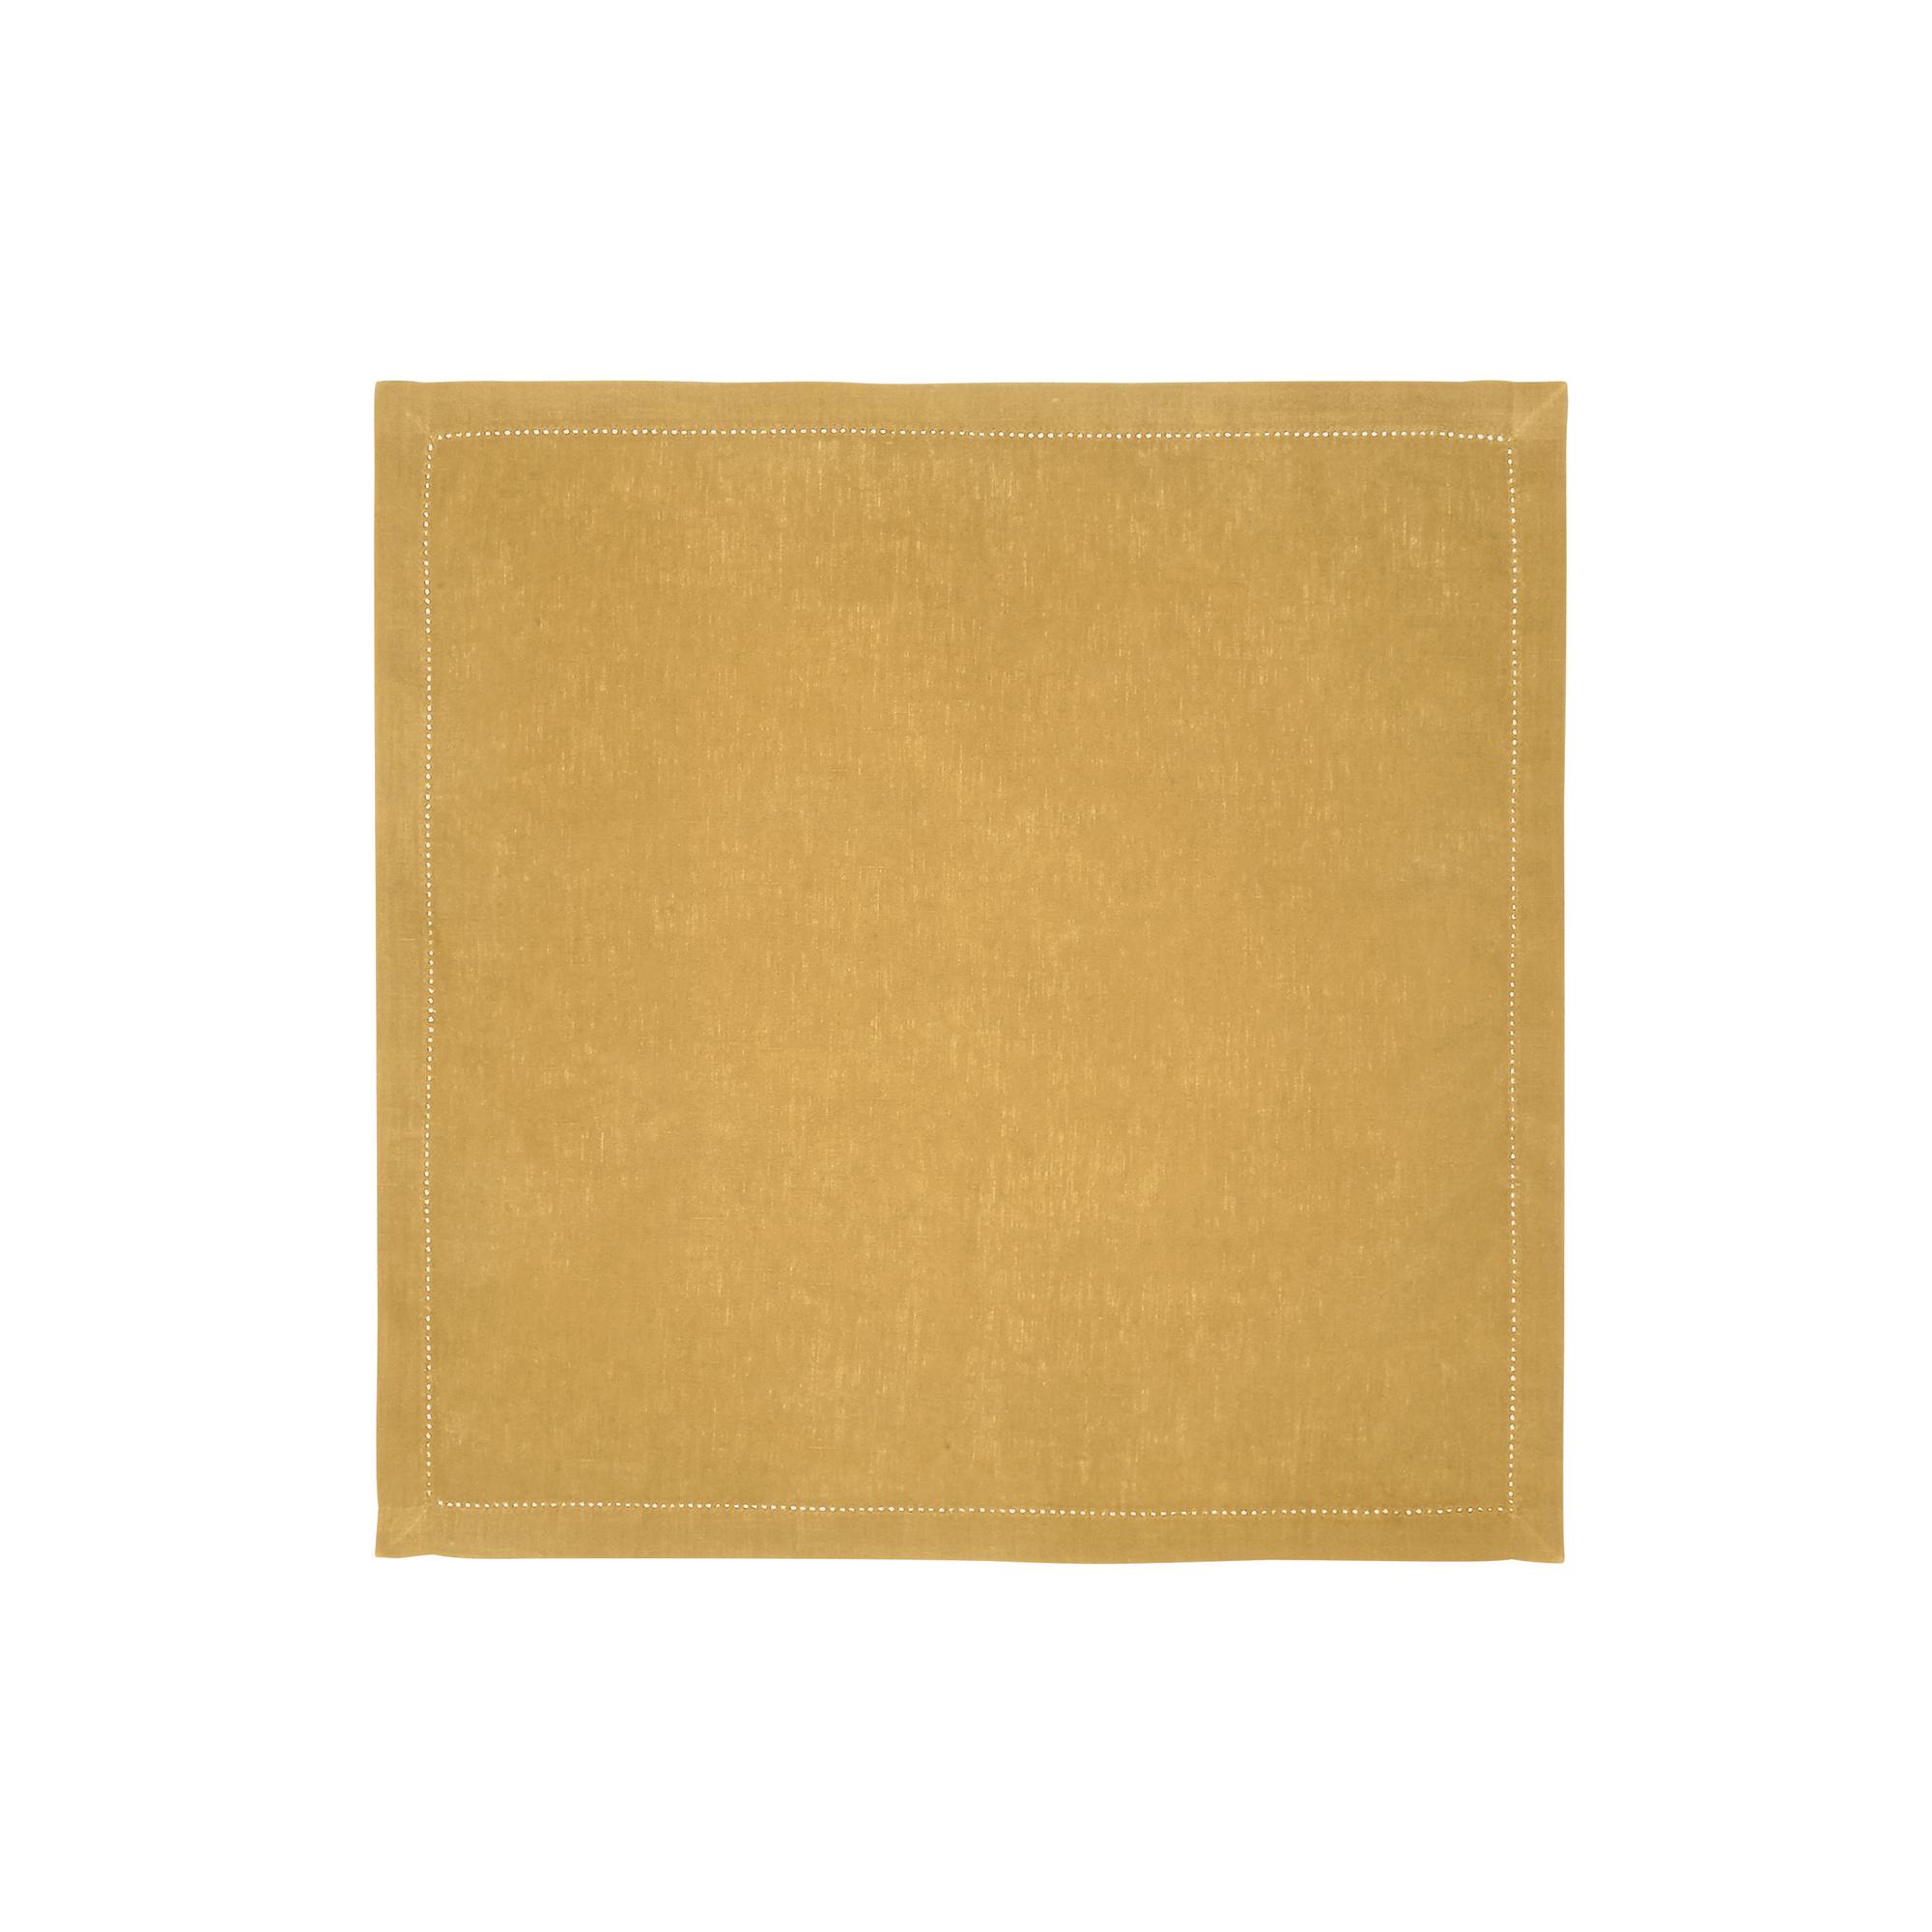 Serviette de table en lin jaune 50x50